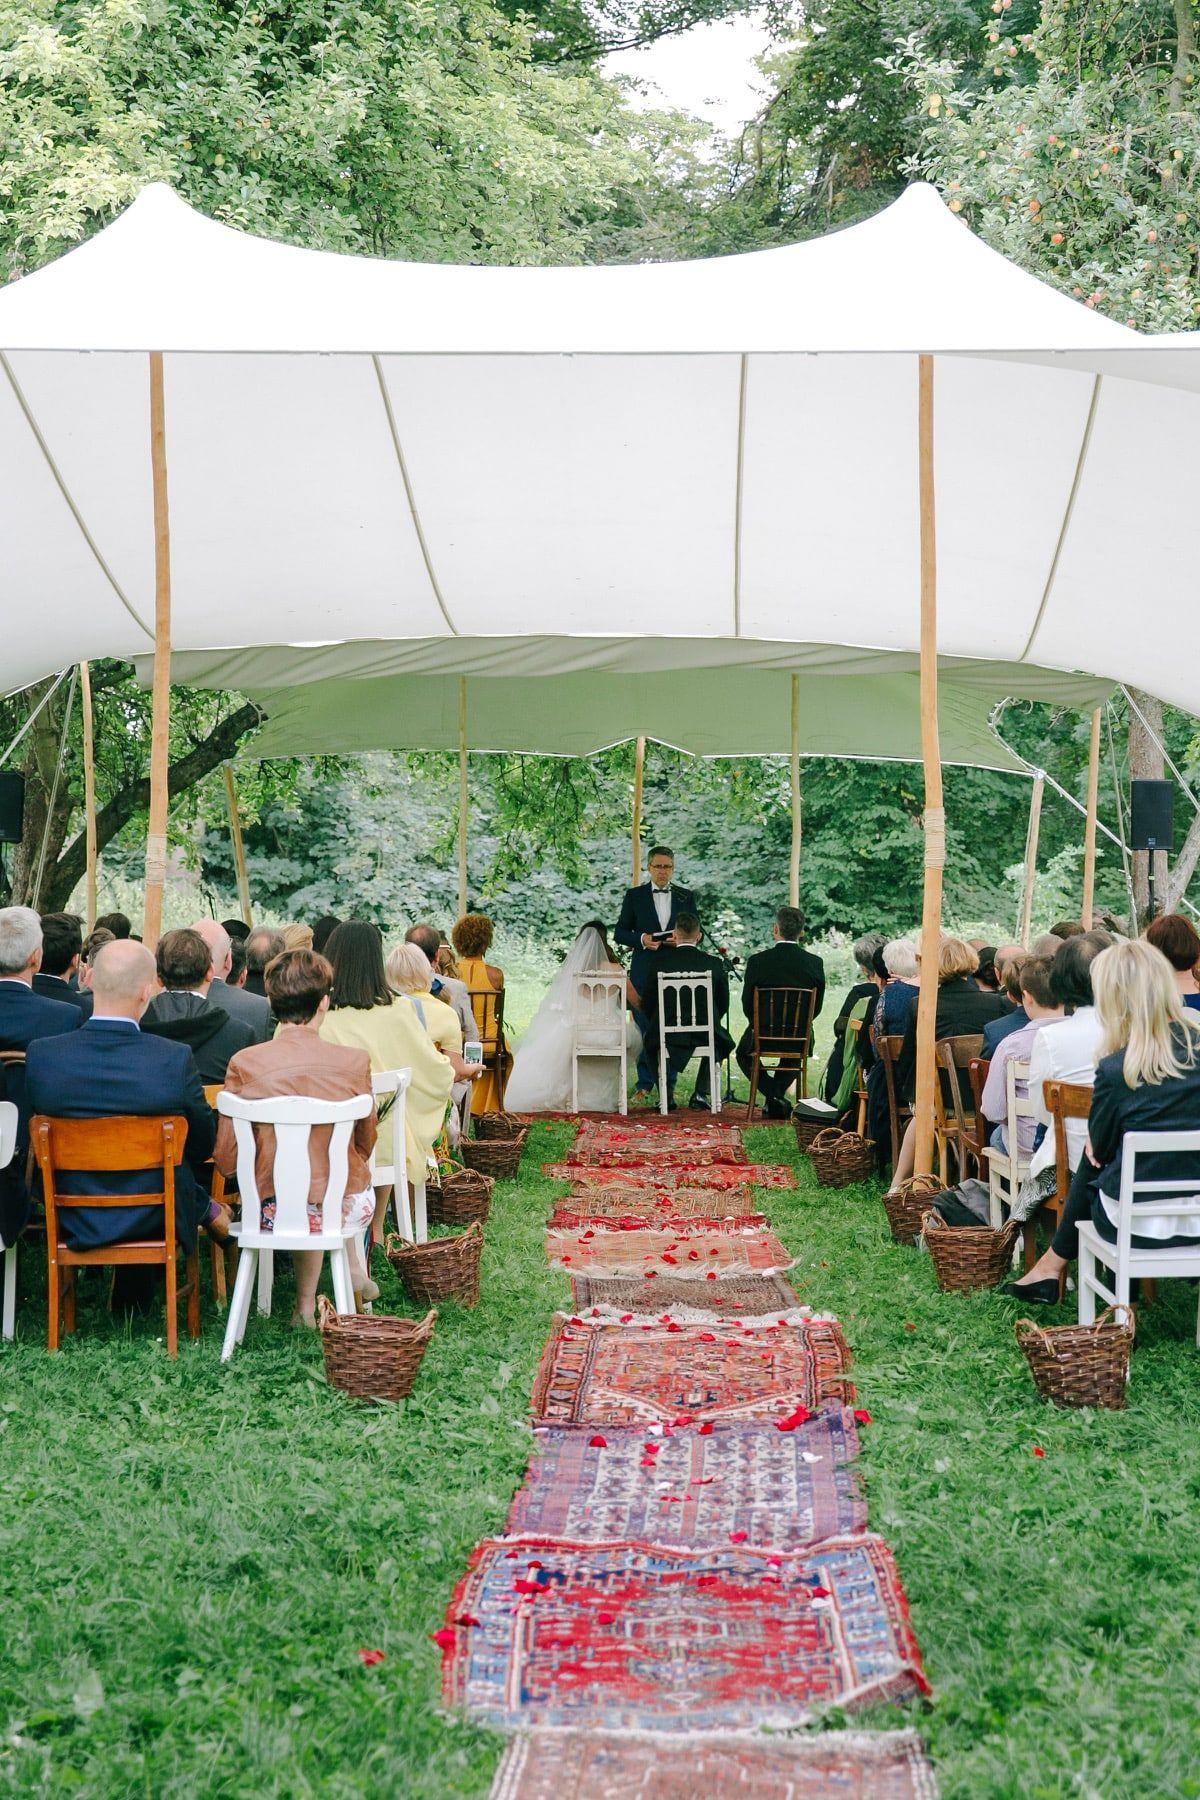 Gartenhochzeit Freie Trauung Im Zelt Hier Wunderschon Auf Dem Rasen Mit Alten Bunten Teppichen Fur Den Weg Zur Zere Gartenhochzeit Trauung Hochzeit Draussen